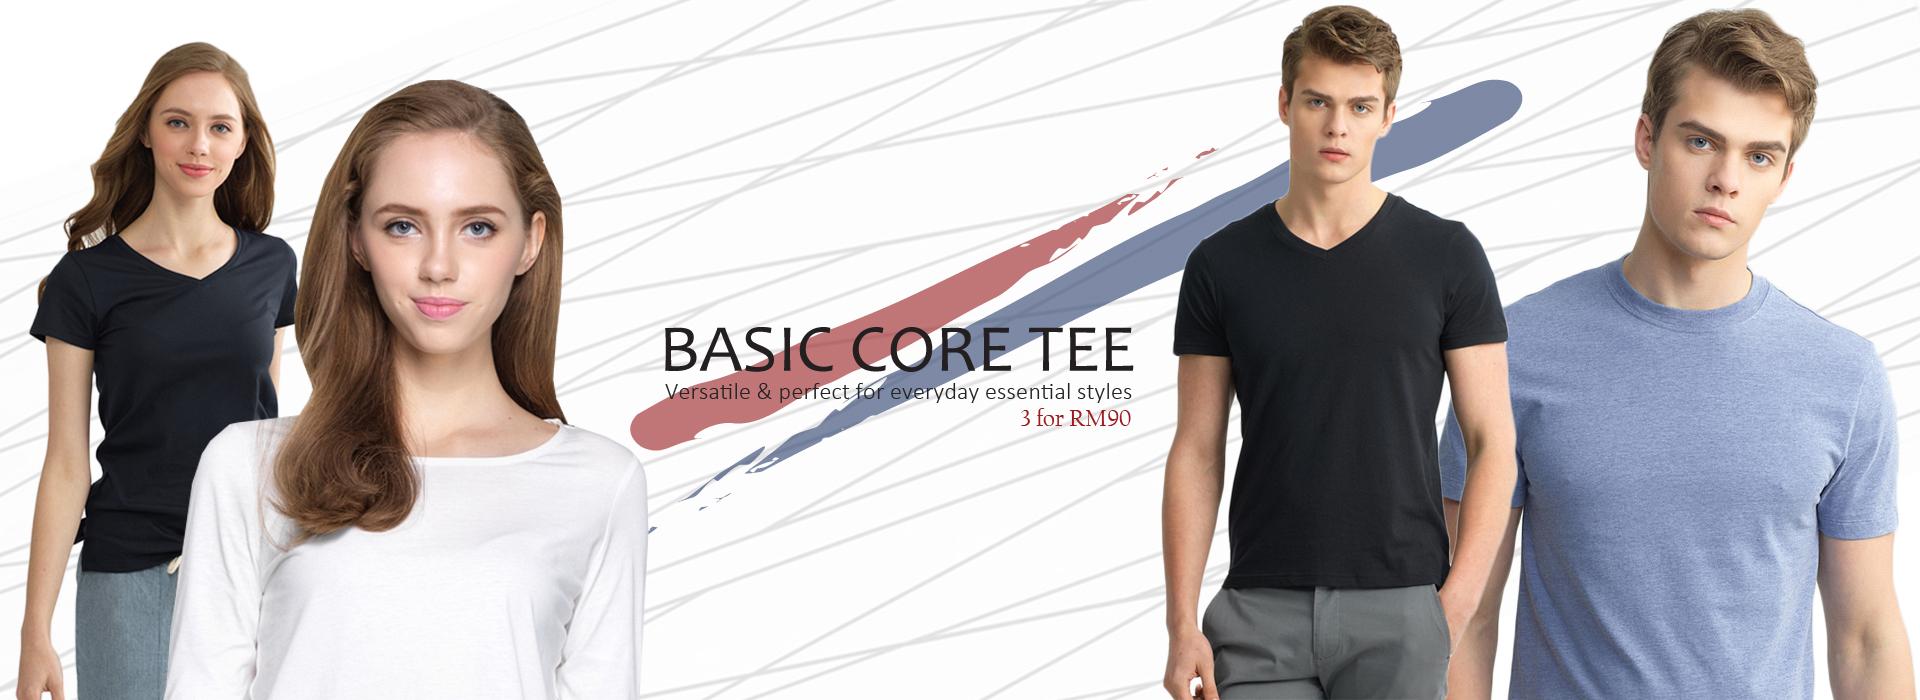 basic core tees